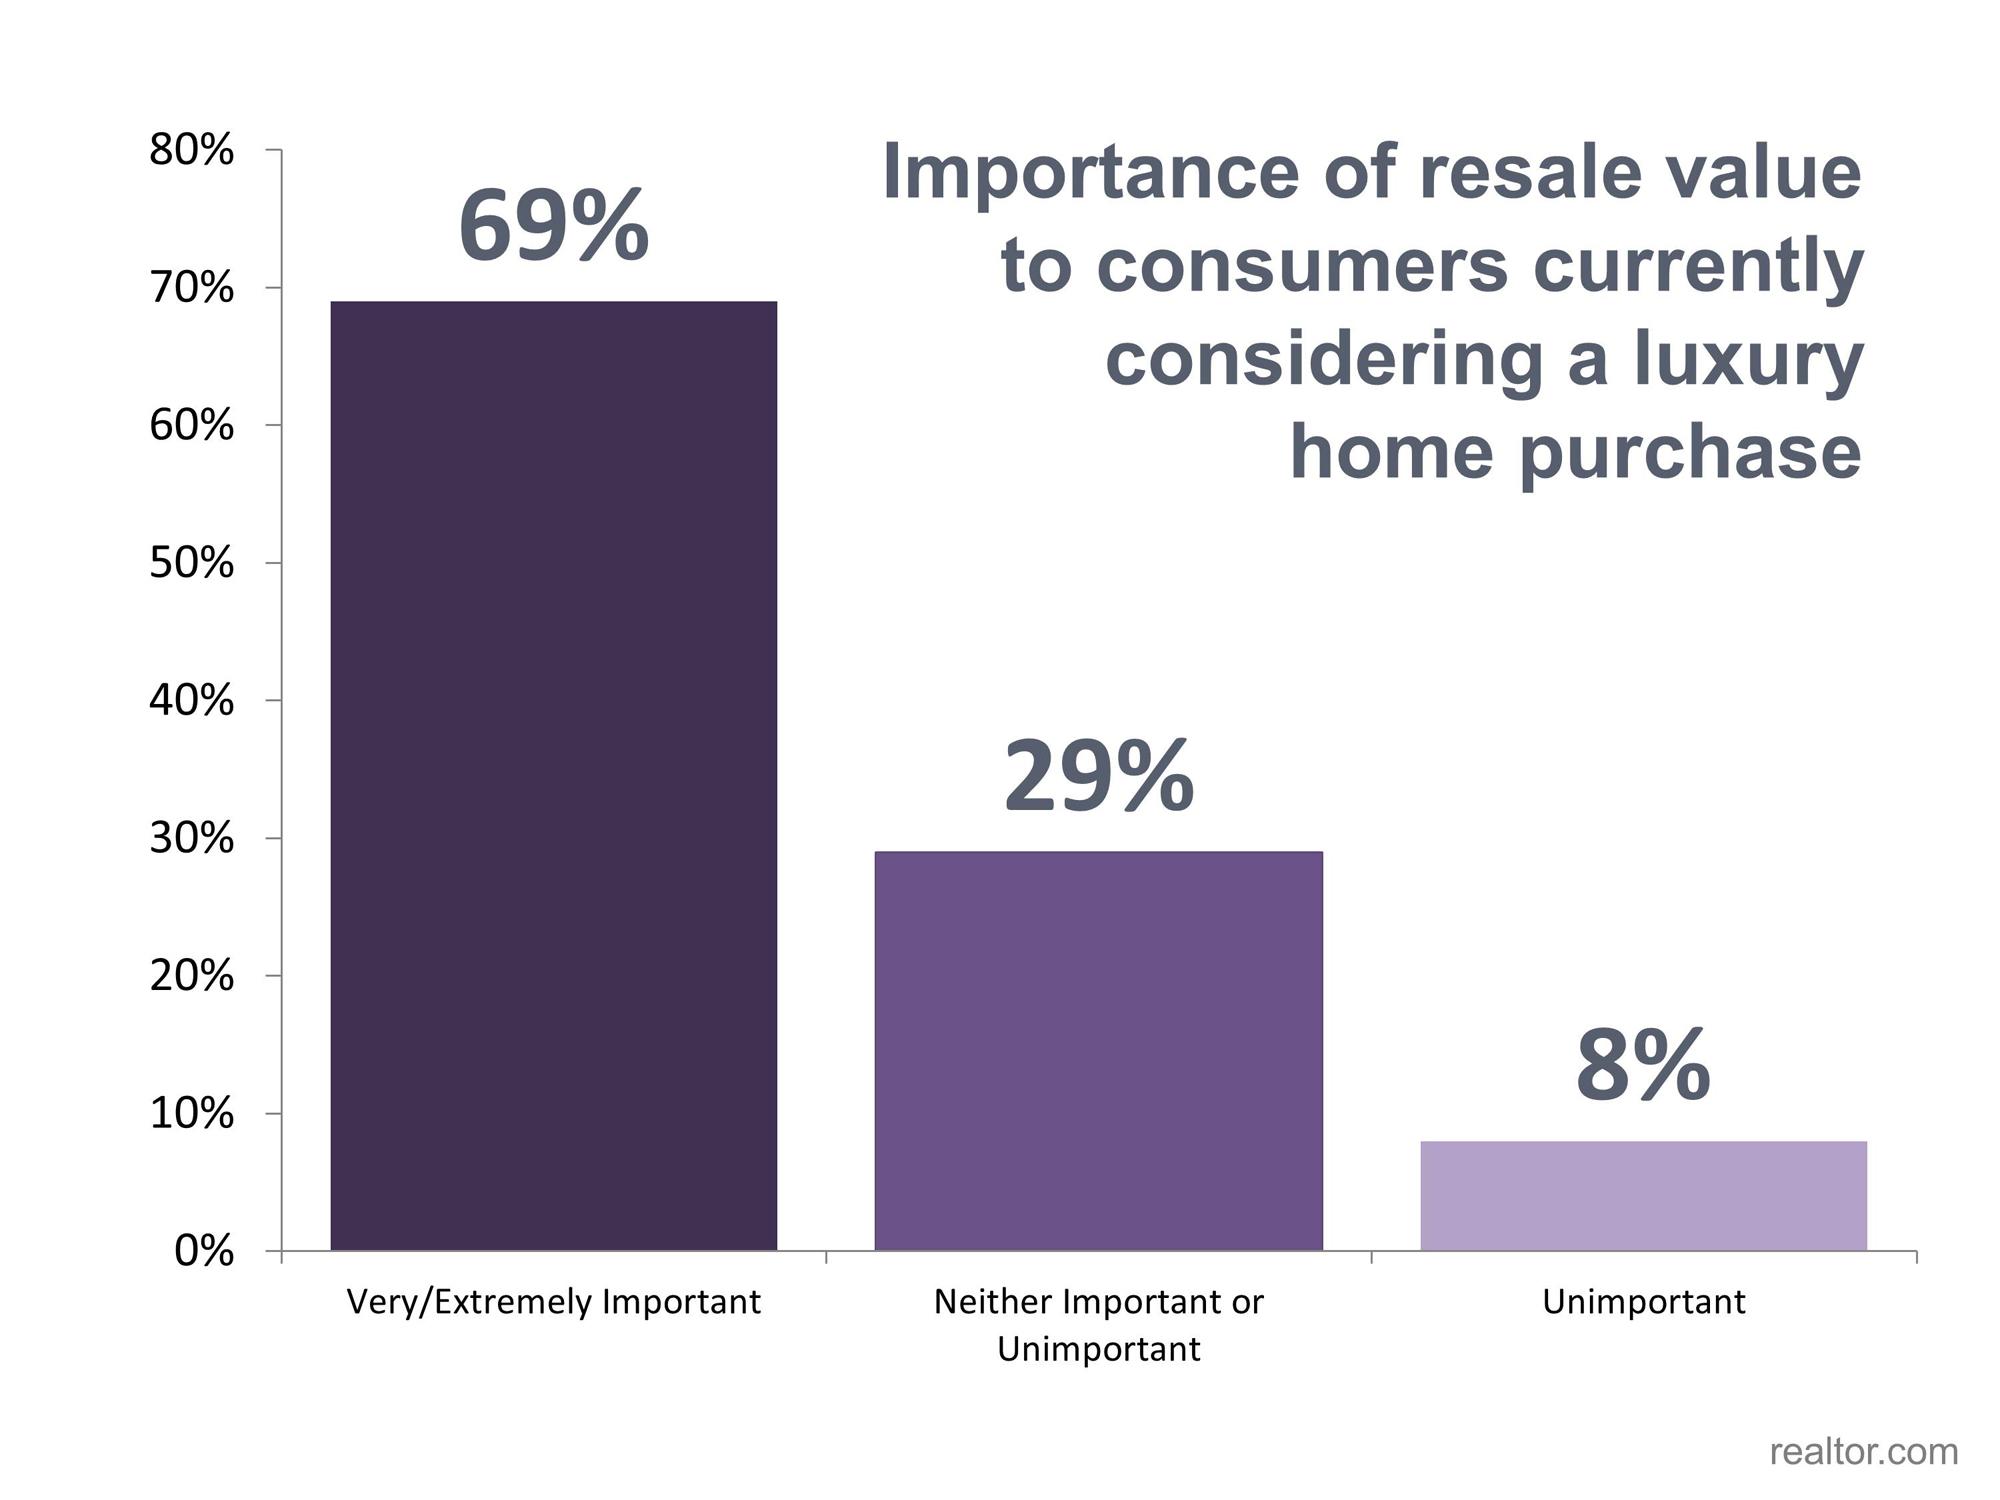 Resale Value Importance